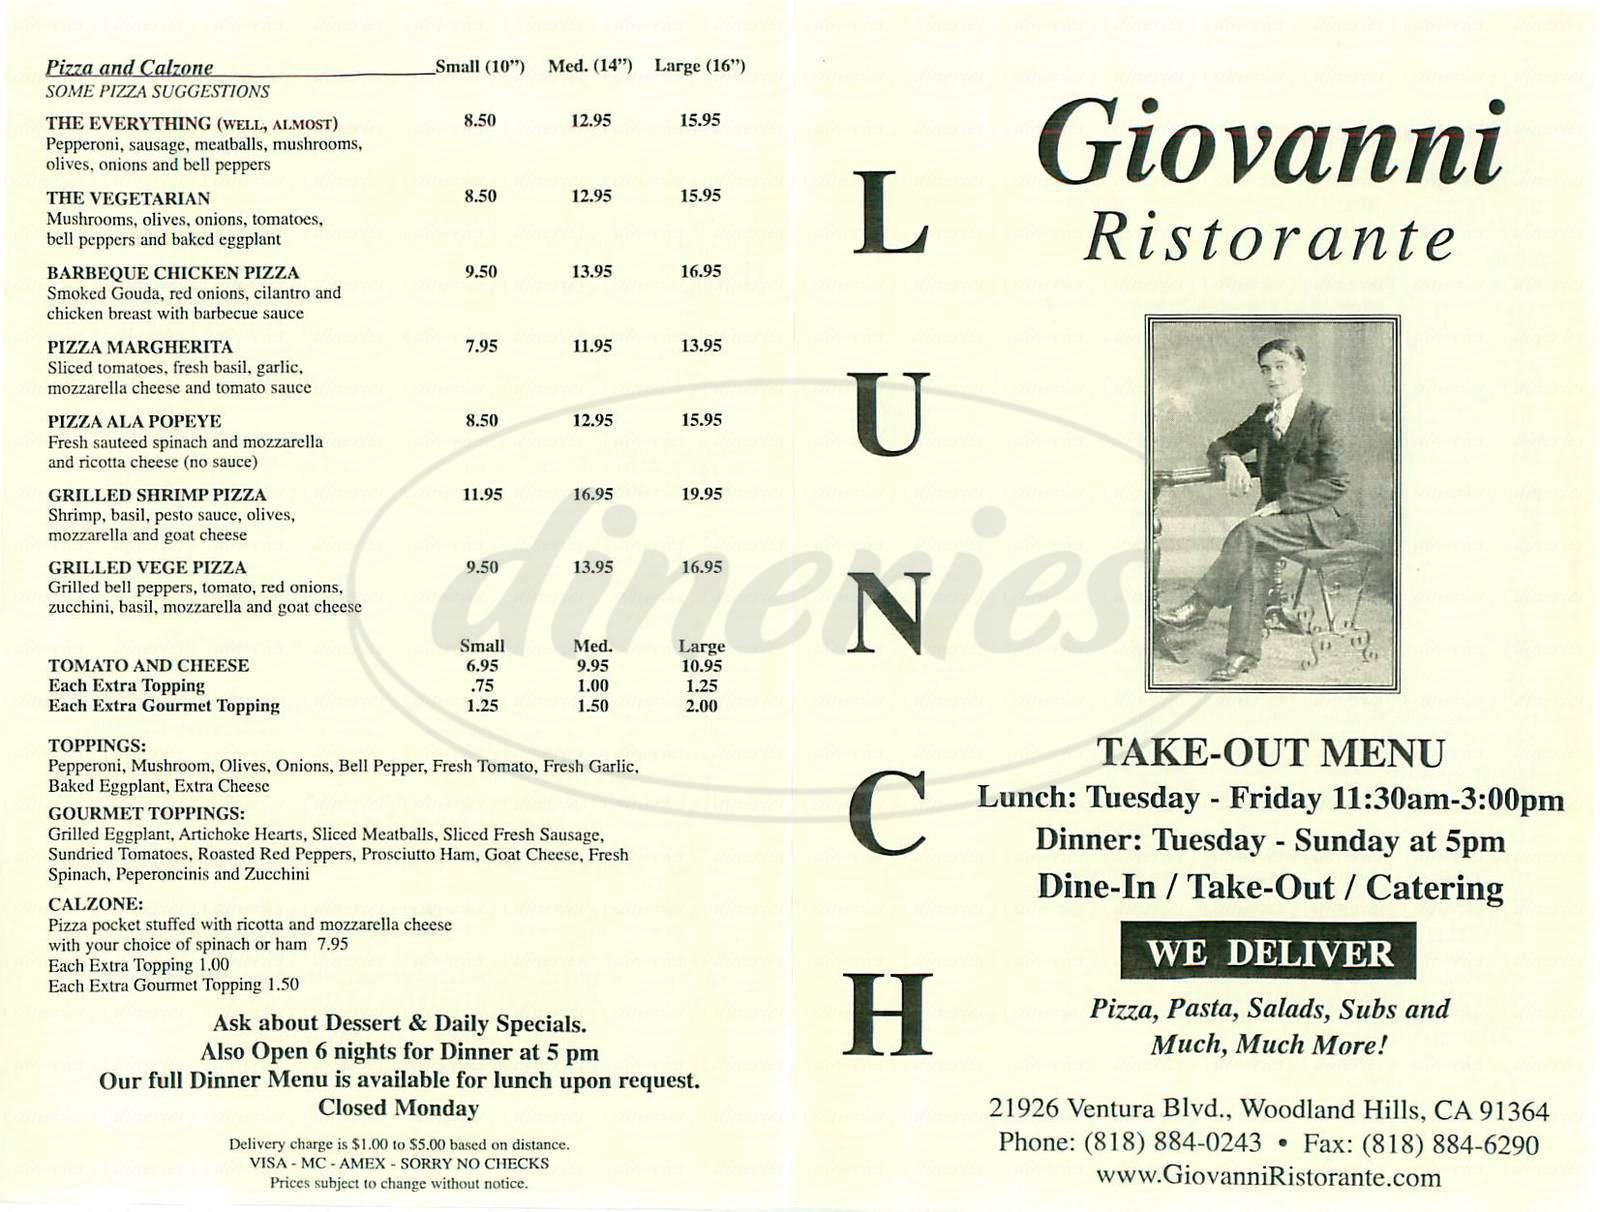 menu for Giovanni Ristorante